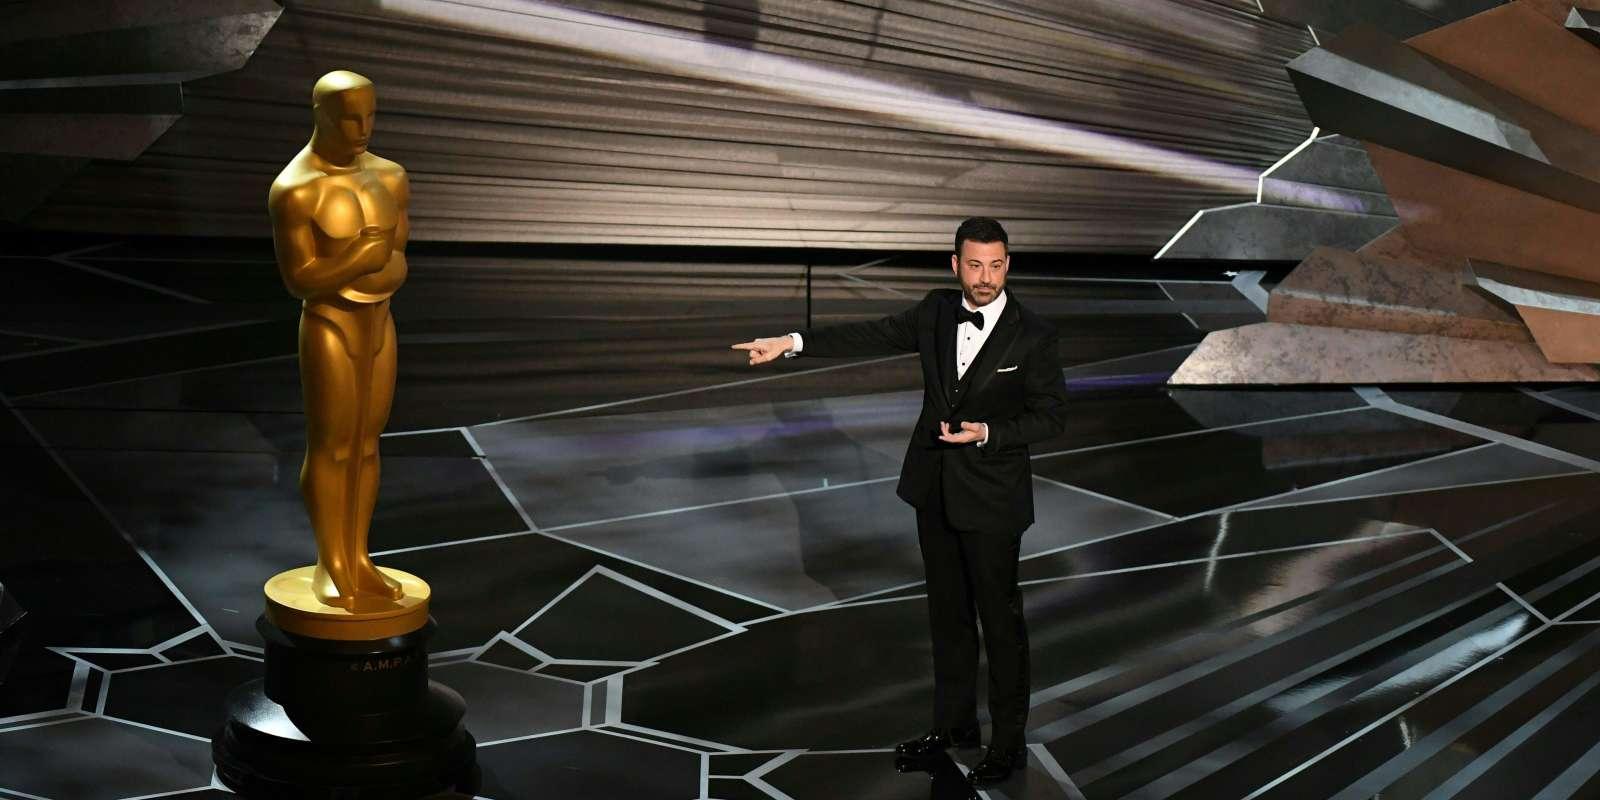 Jimmy Kimmel a inauguré la cérémonie des Oscars, avec un discours teinté d'humour, dimanche 4 mars.